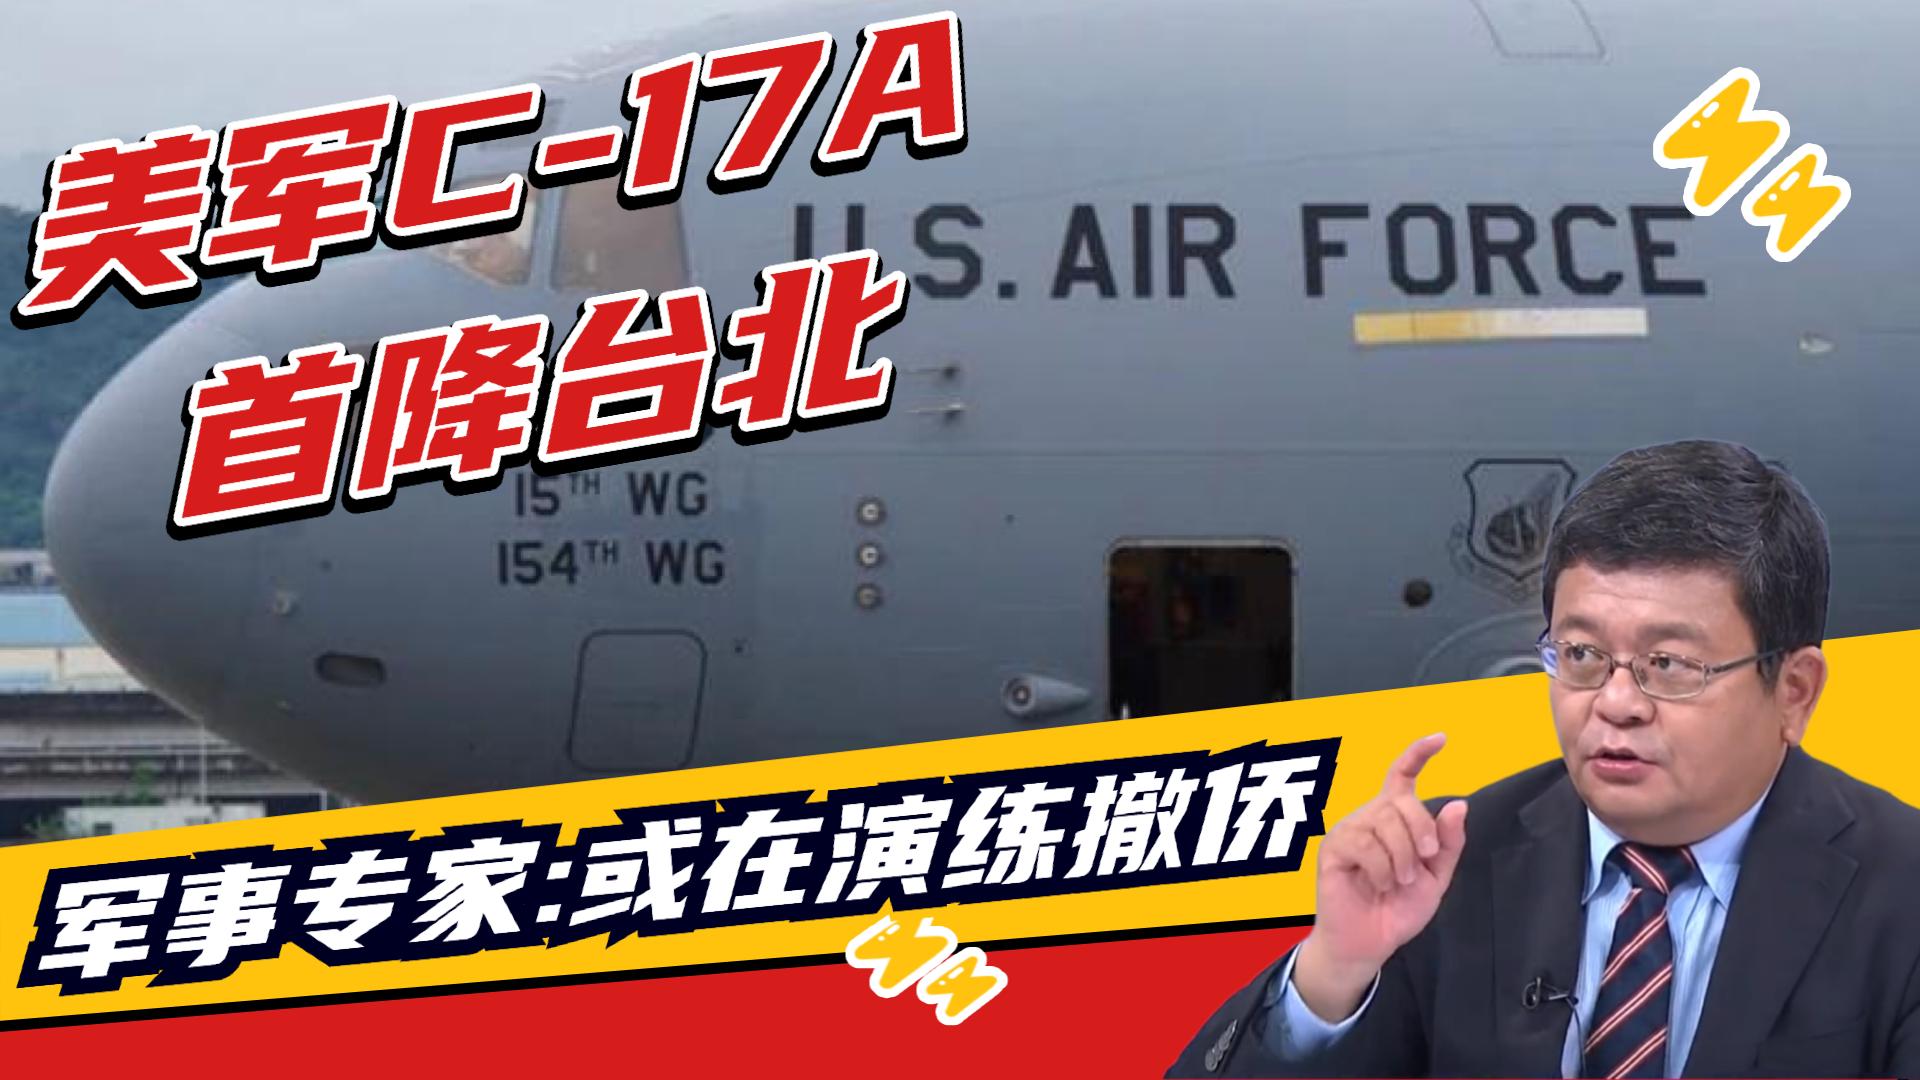 两岸防务评论| 美C17战略运输机首降台湾 专家:或正演练撤侨